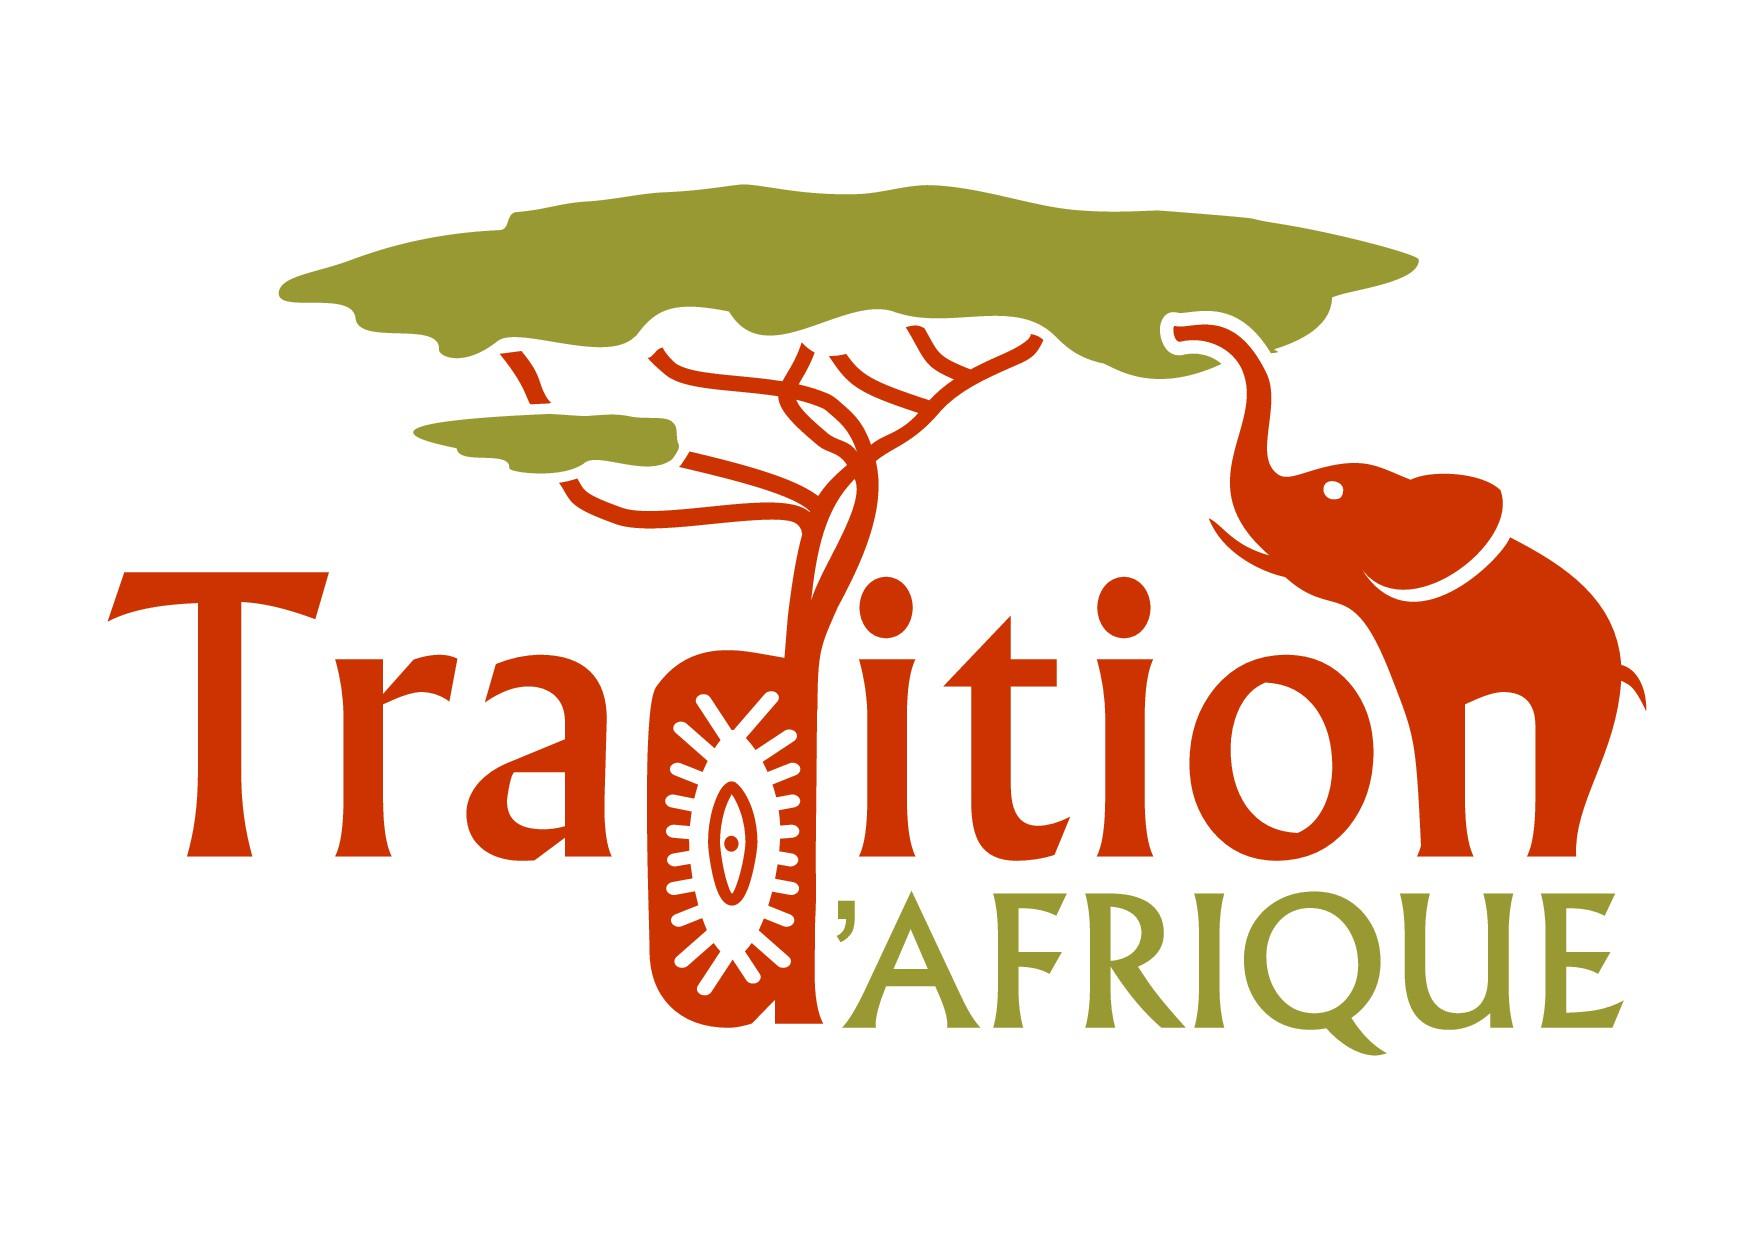 Un logo branché avec une véritable entité Africaine